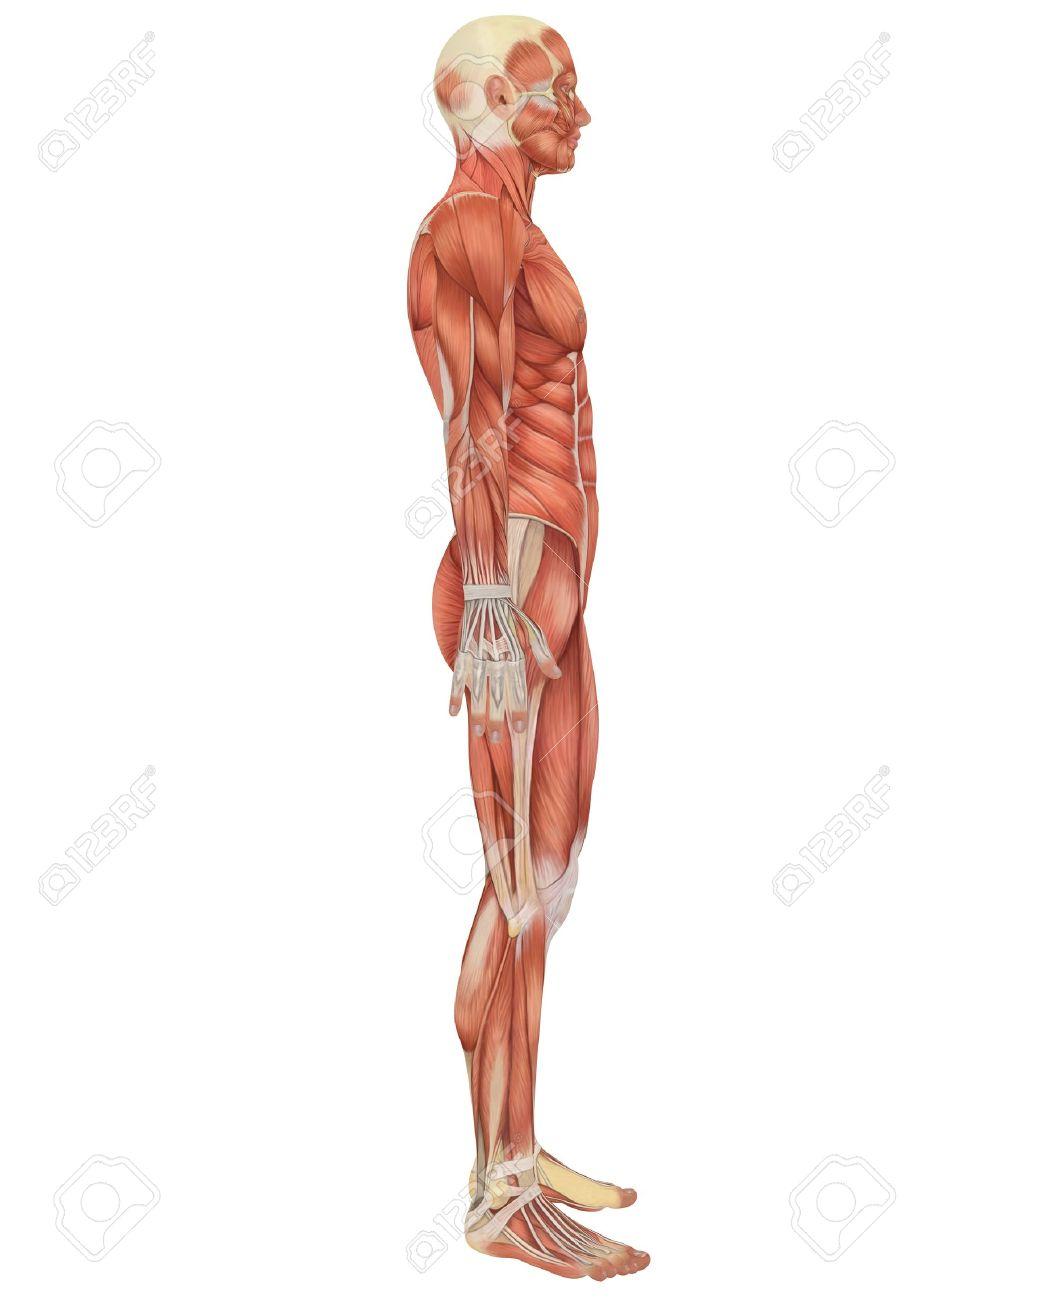 男性の筋肉の解剖学の側面図のイラスト非常に教育と詳細 の写真素材